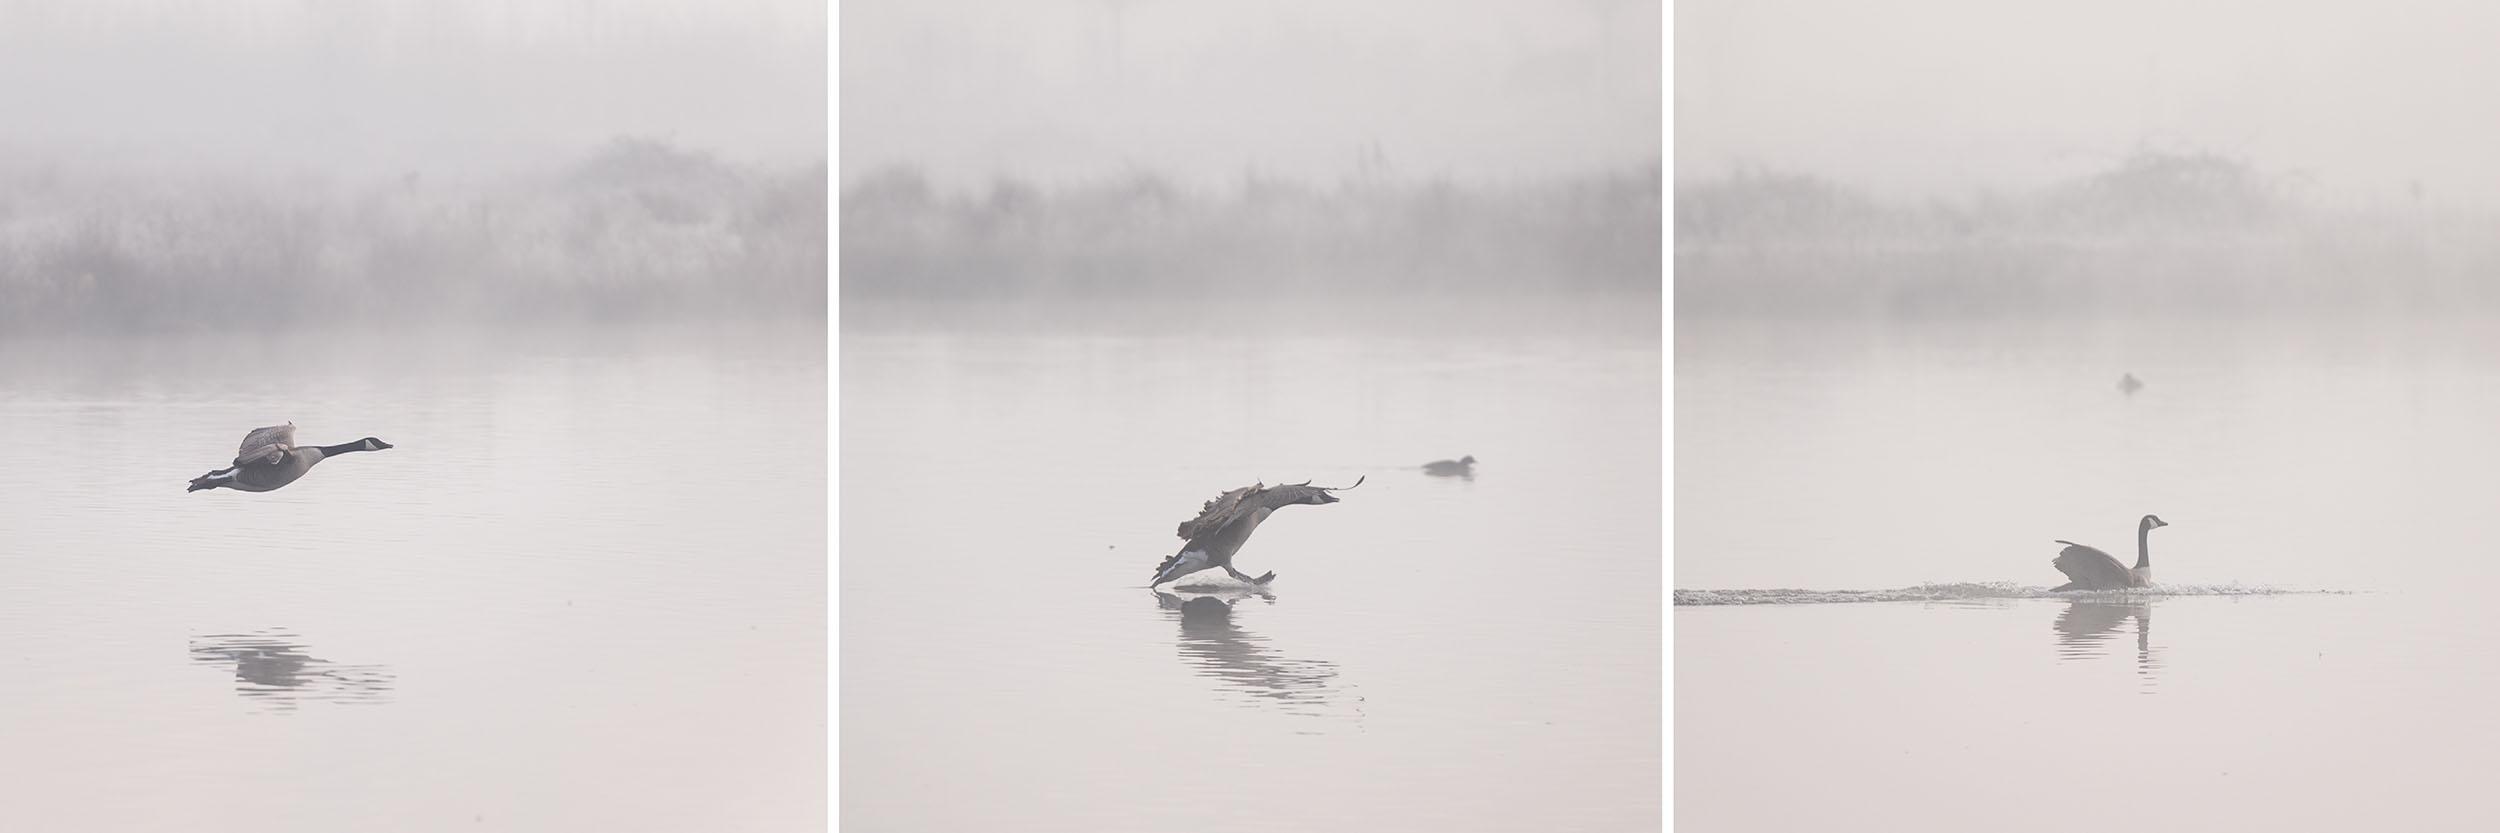 Drie foto's van een gans die op een mistige ochtend landt op het water